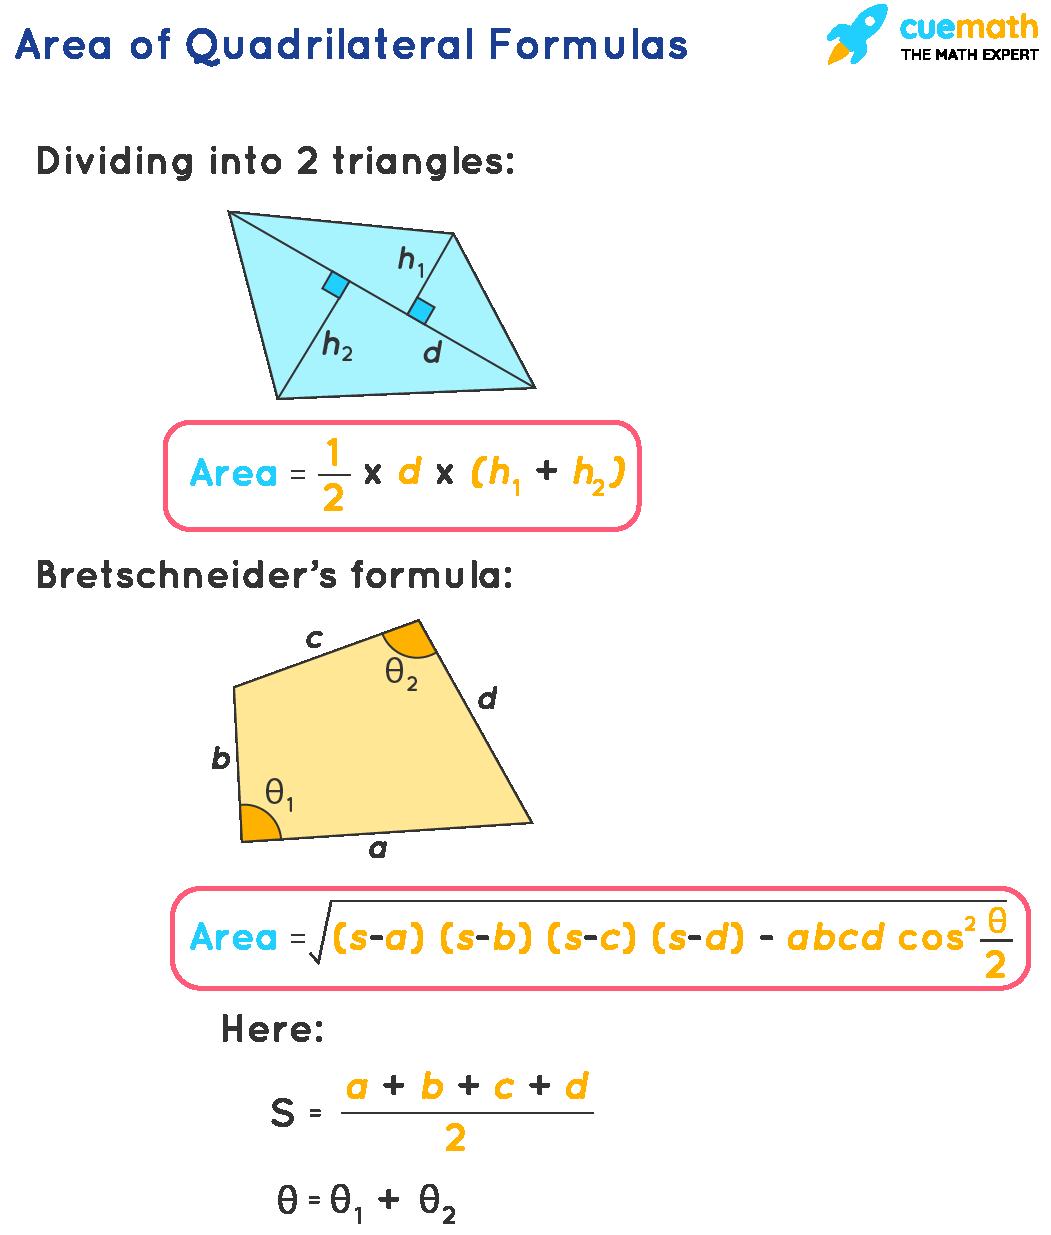 area of quadrilateral formulas (Bretschneider′sformula)